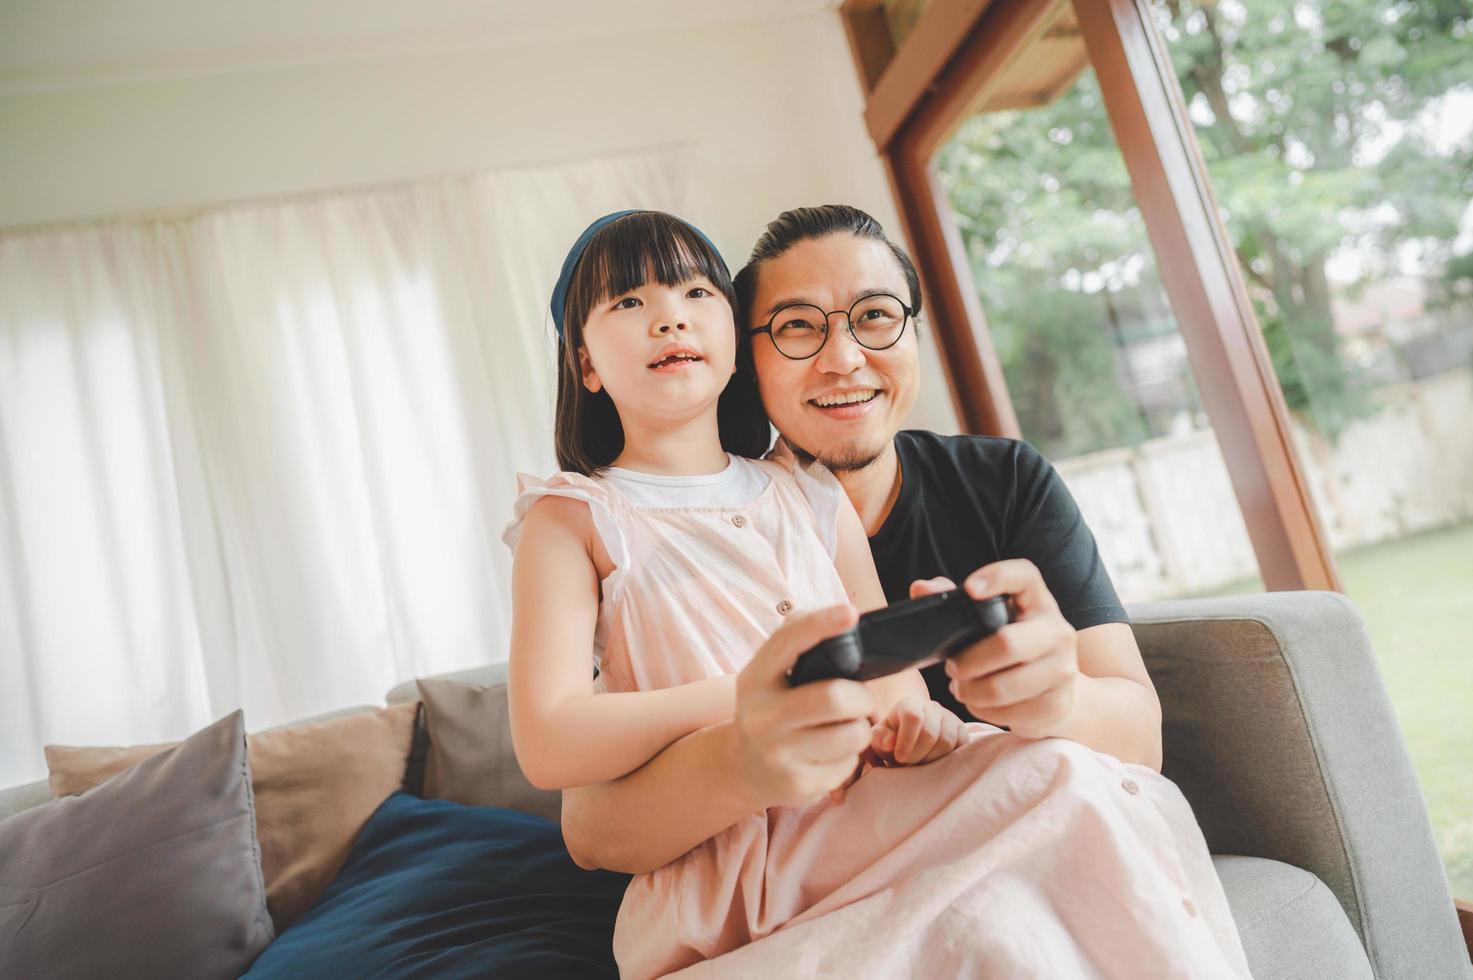 pai e filha jogando videogame foto